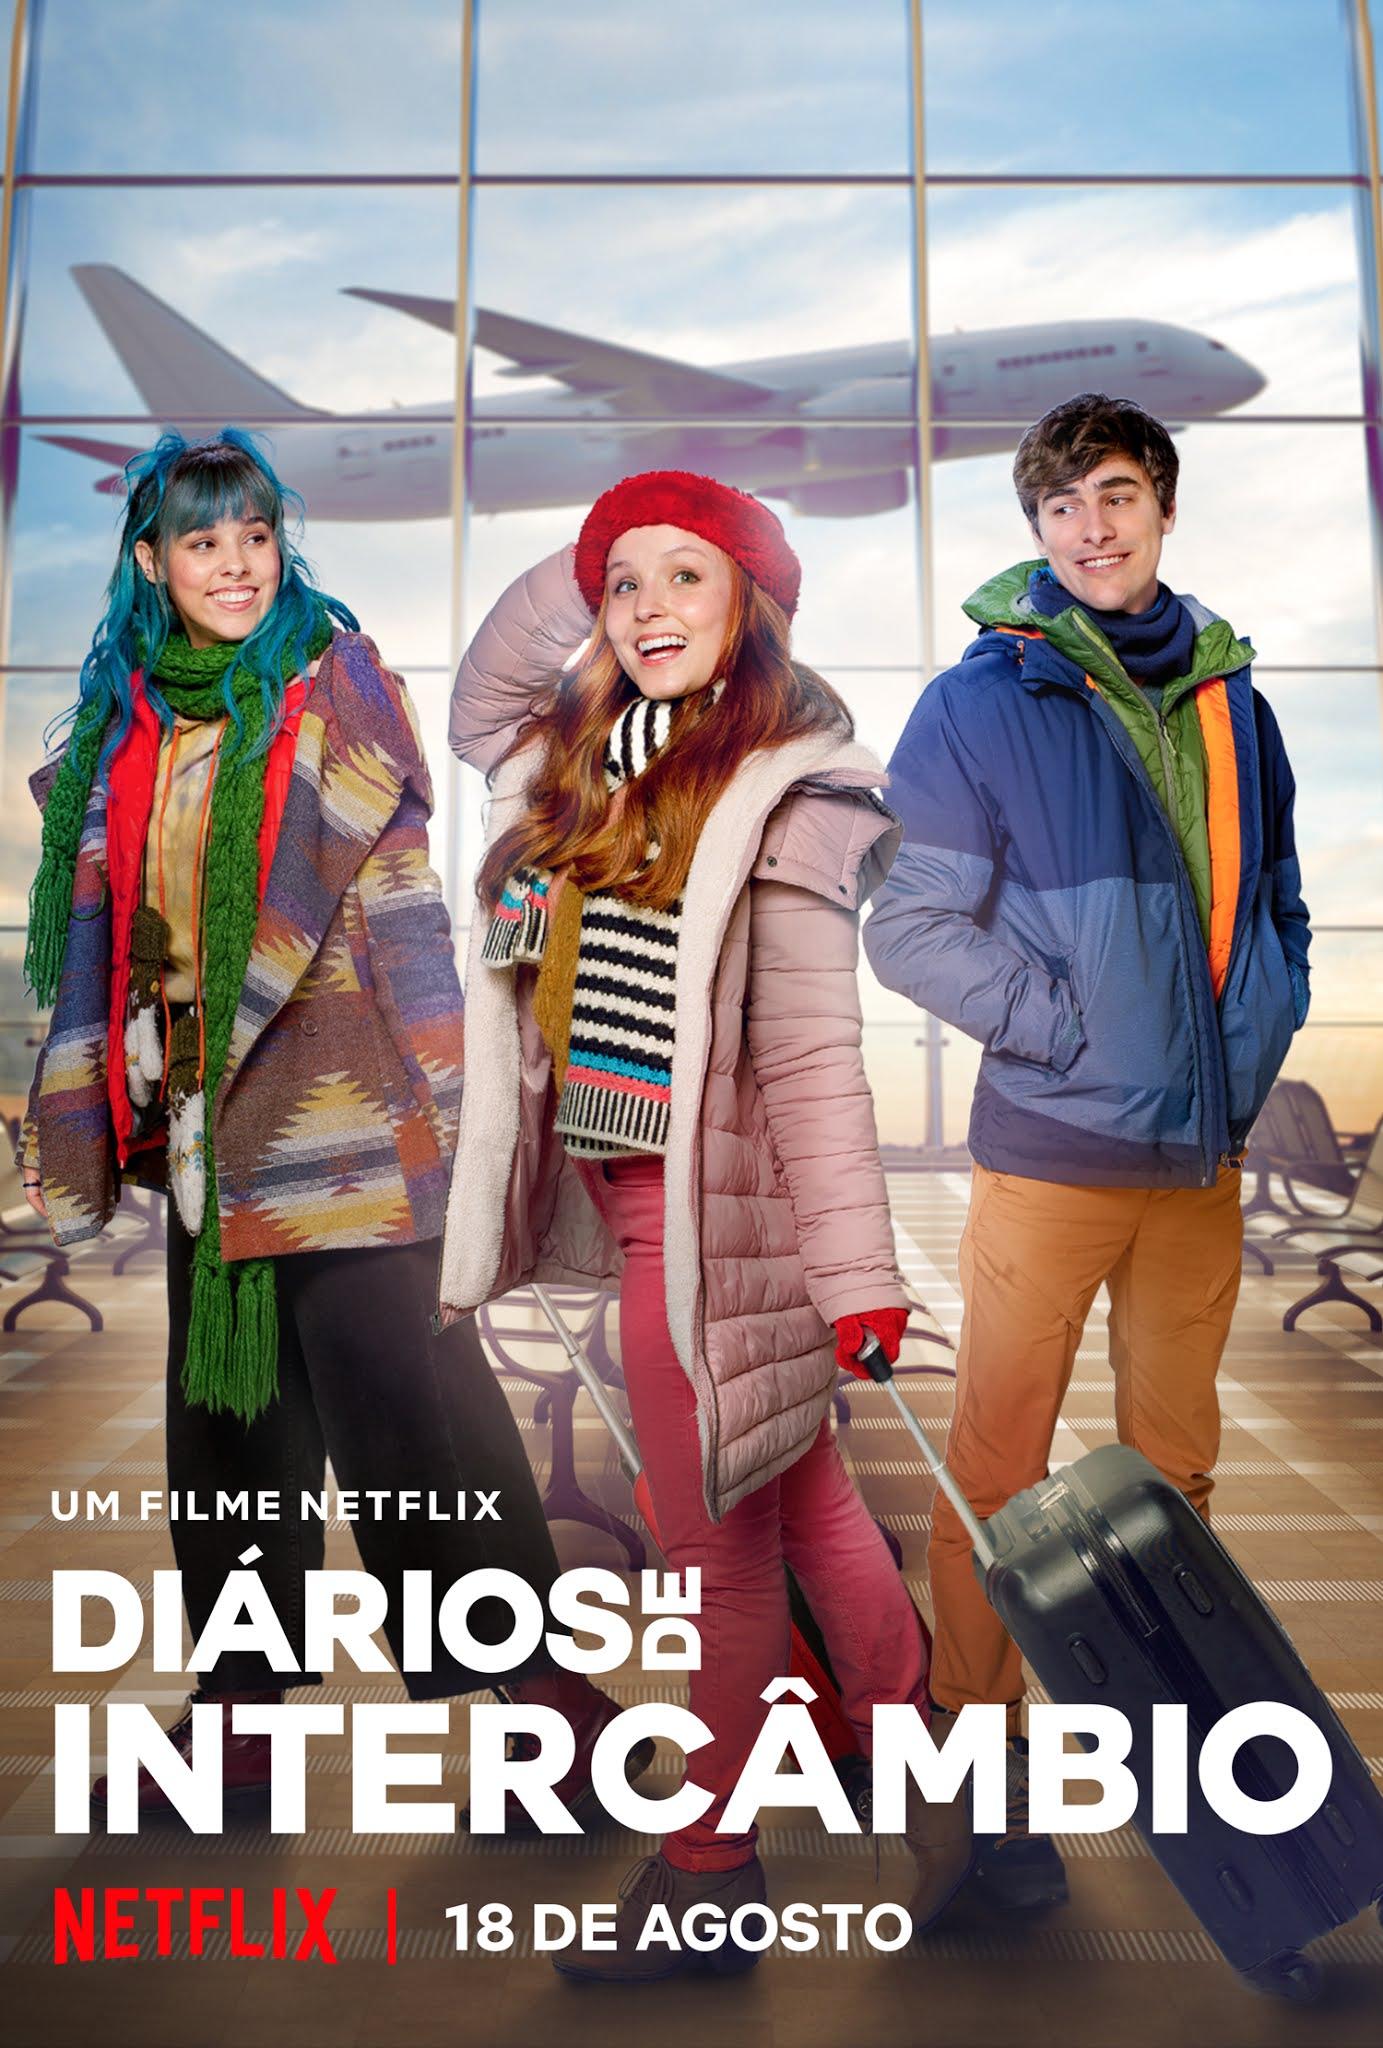 Com Larissa Manoela e Thati Lopes 'Diários de Intercâmbio' chega em agosto na Netflix